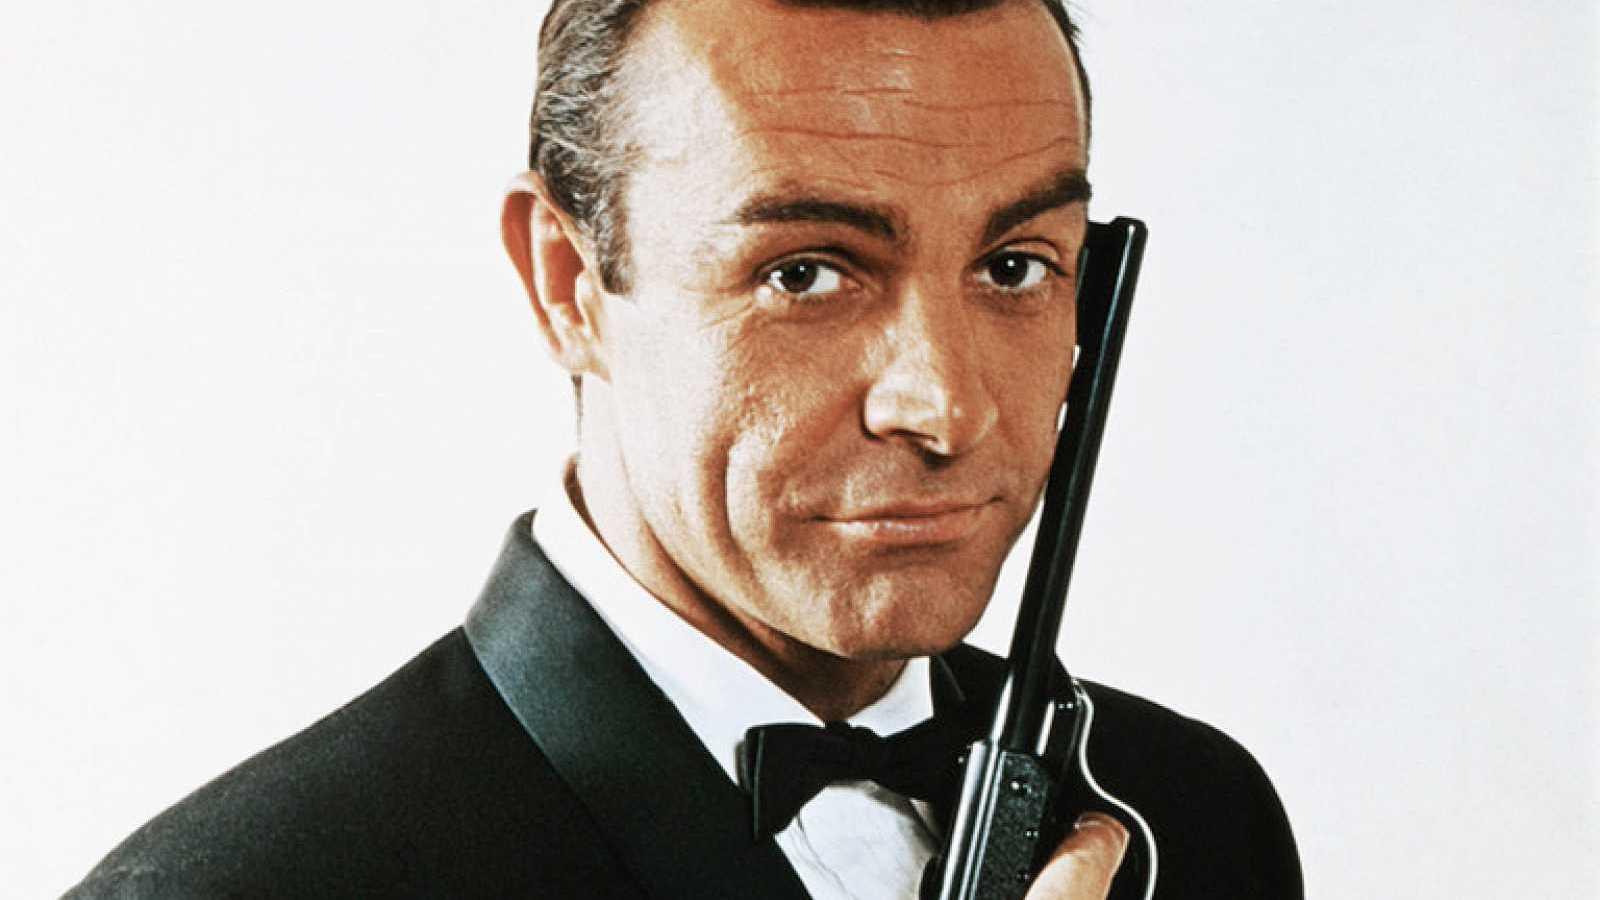 Memoria de delfín - James Bond: Los secretos del espía más famoso - 05/10/20 - Escucha ahora